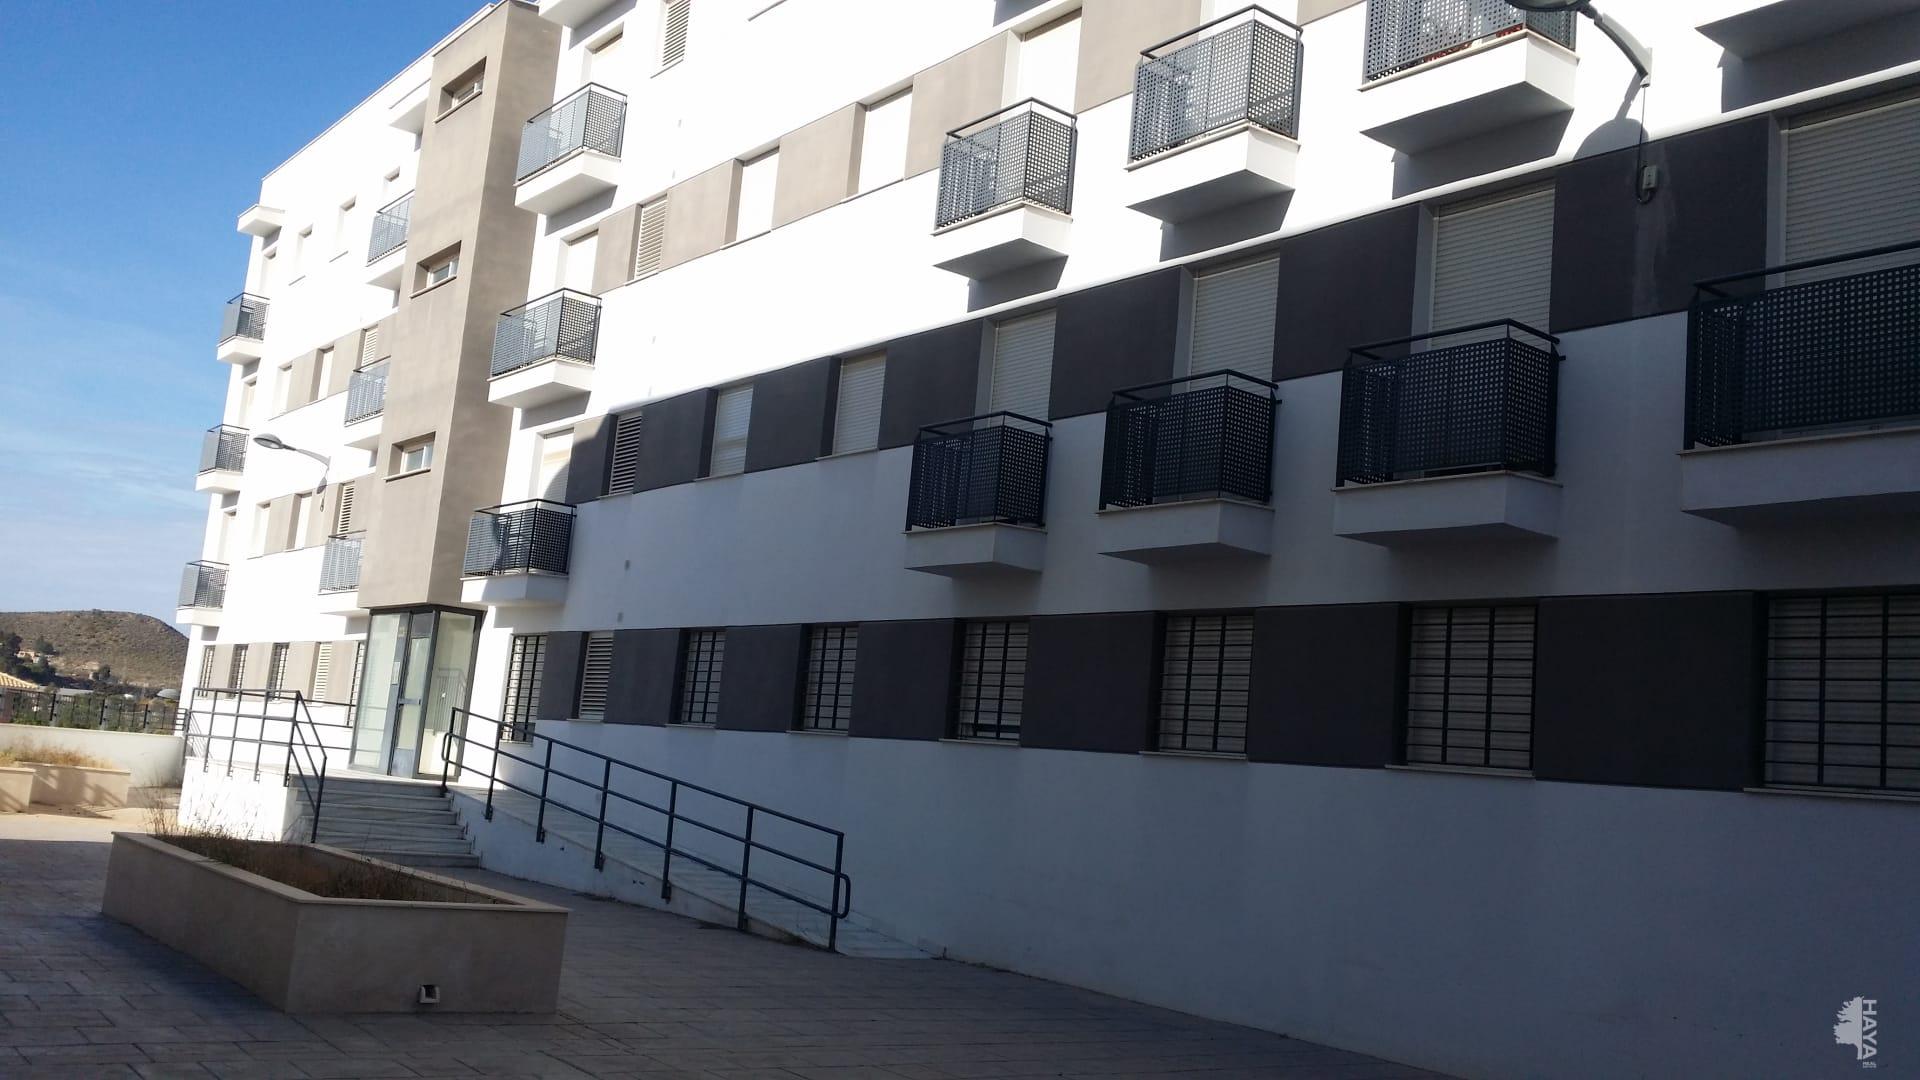 Piso en venta en Olula del Río, Almería, Calle Alta, 70.800 €, 3 habitaciones, 1 baño, 99 m2